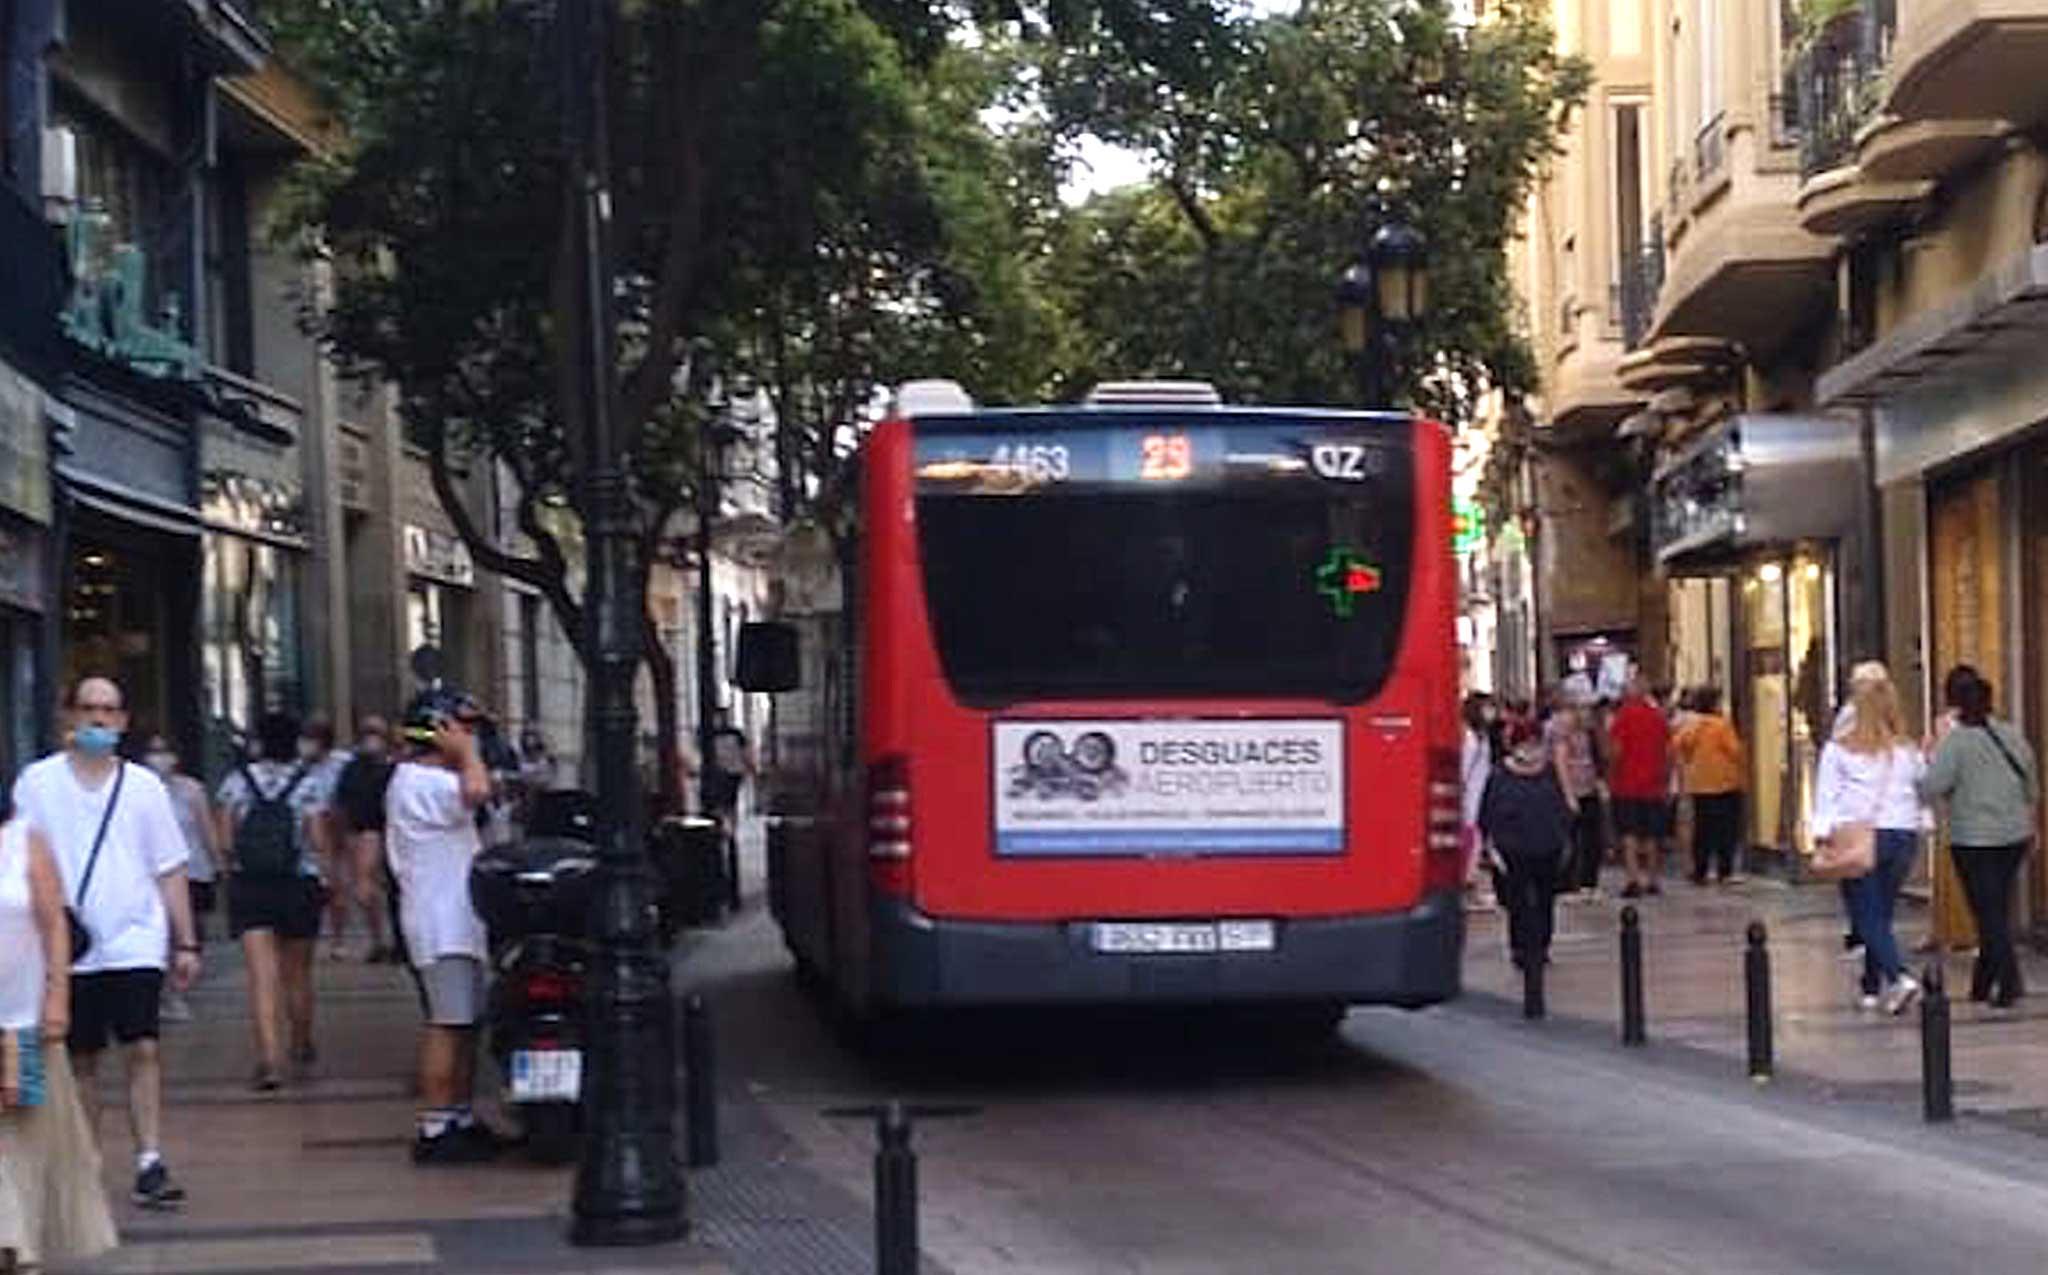 Autobus estandar Desguaces